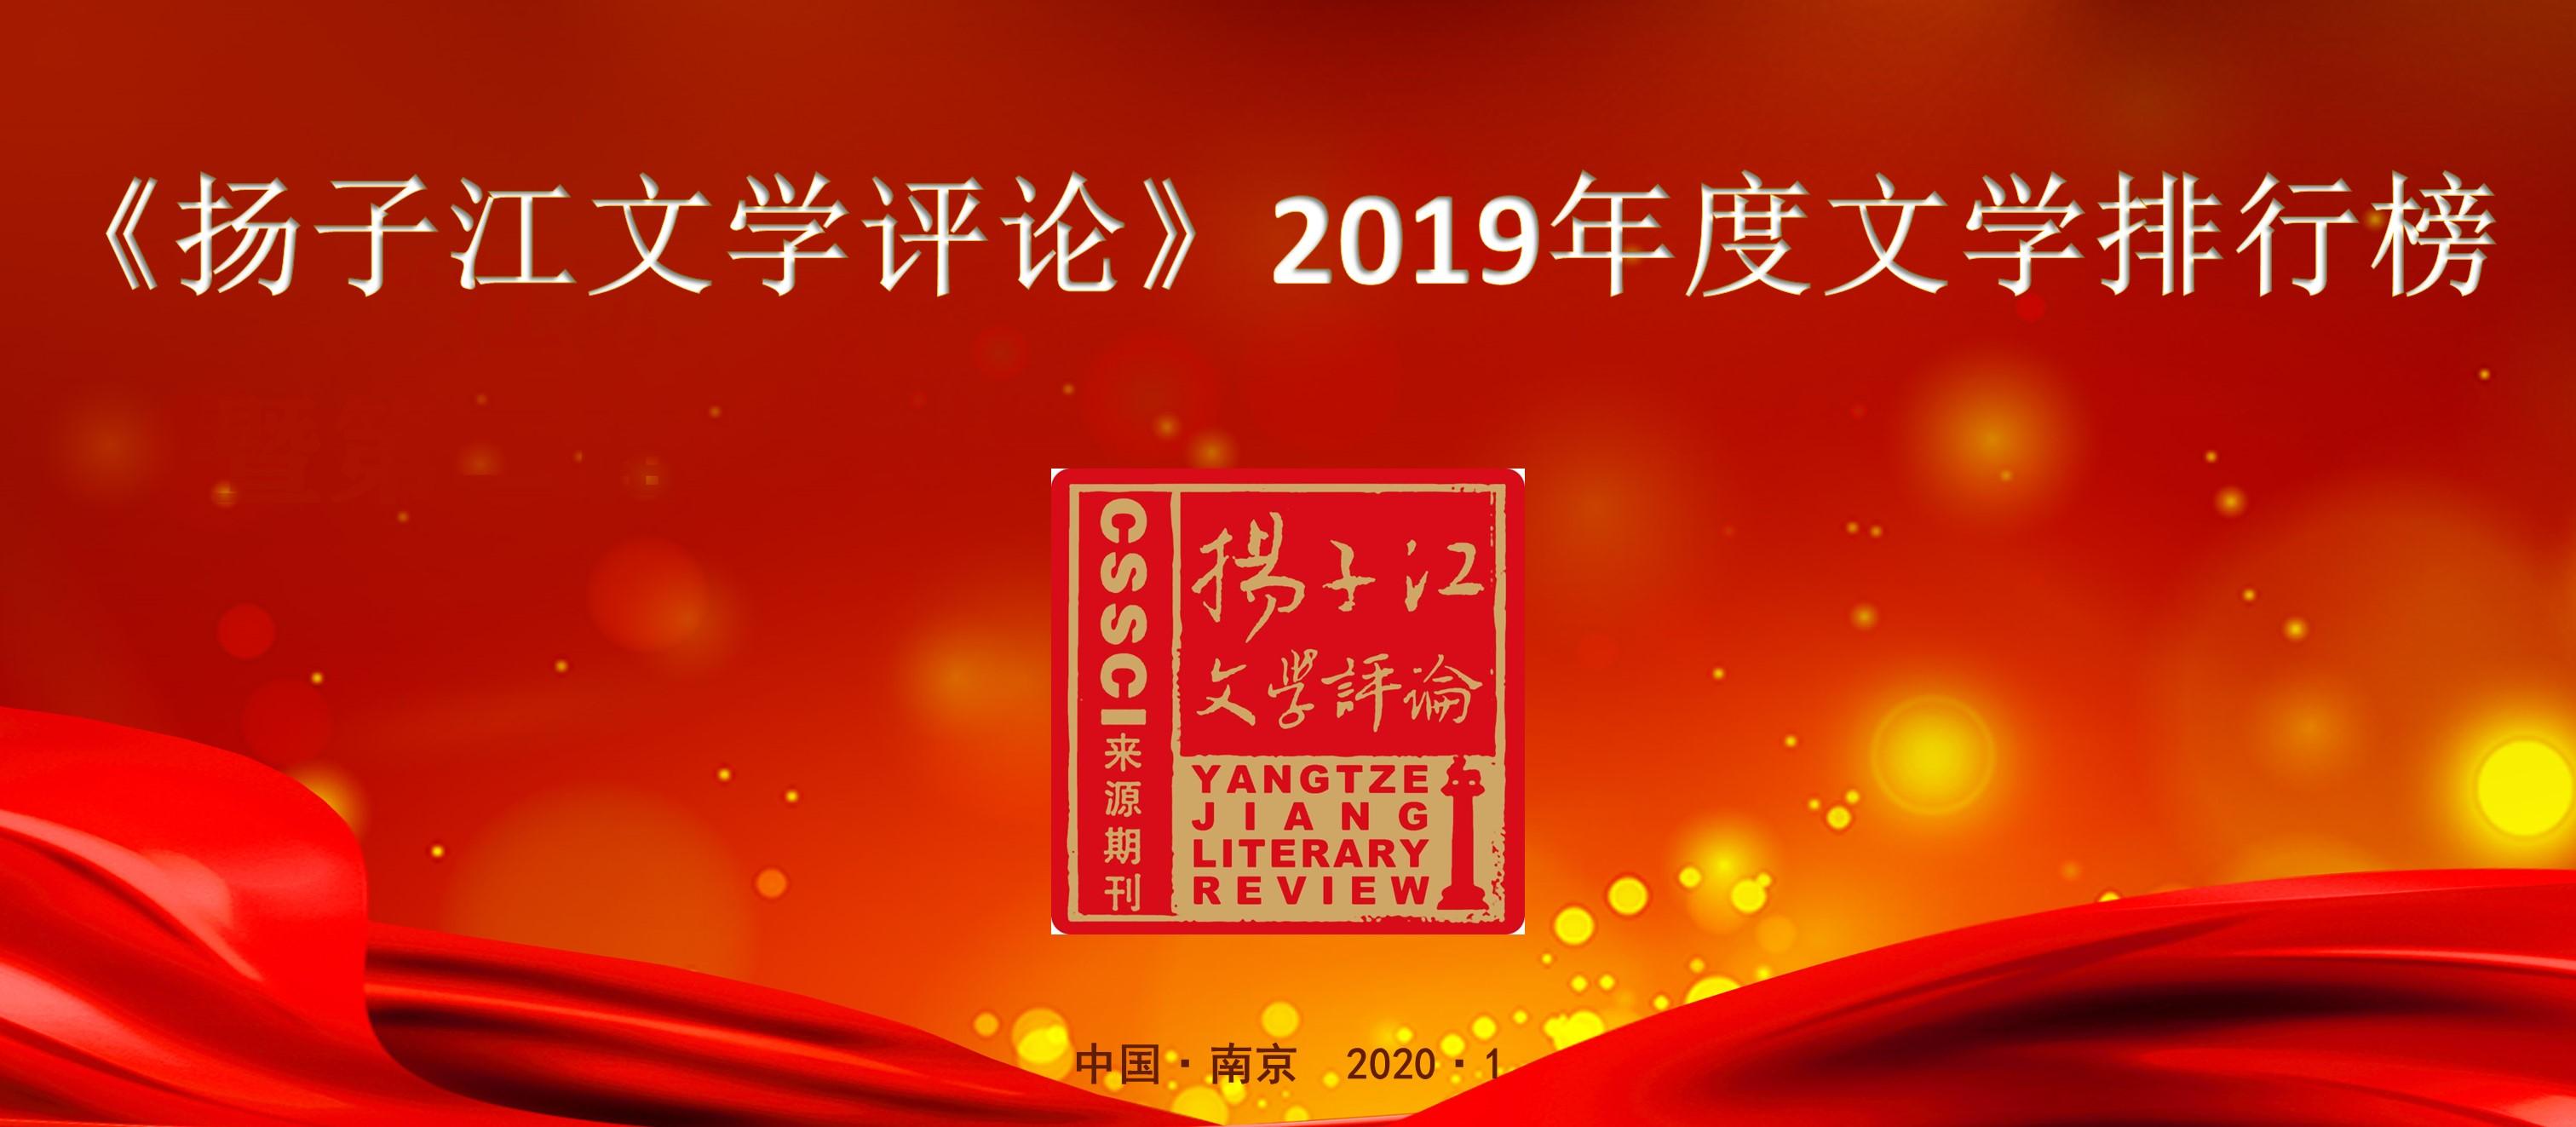 """""""《扬子江文学评论》2019年度文学排行榜""""正式发布"""